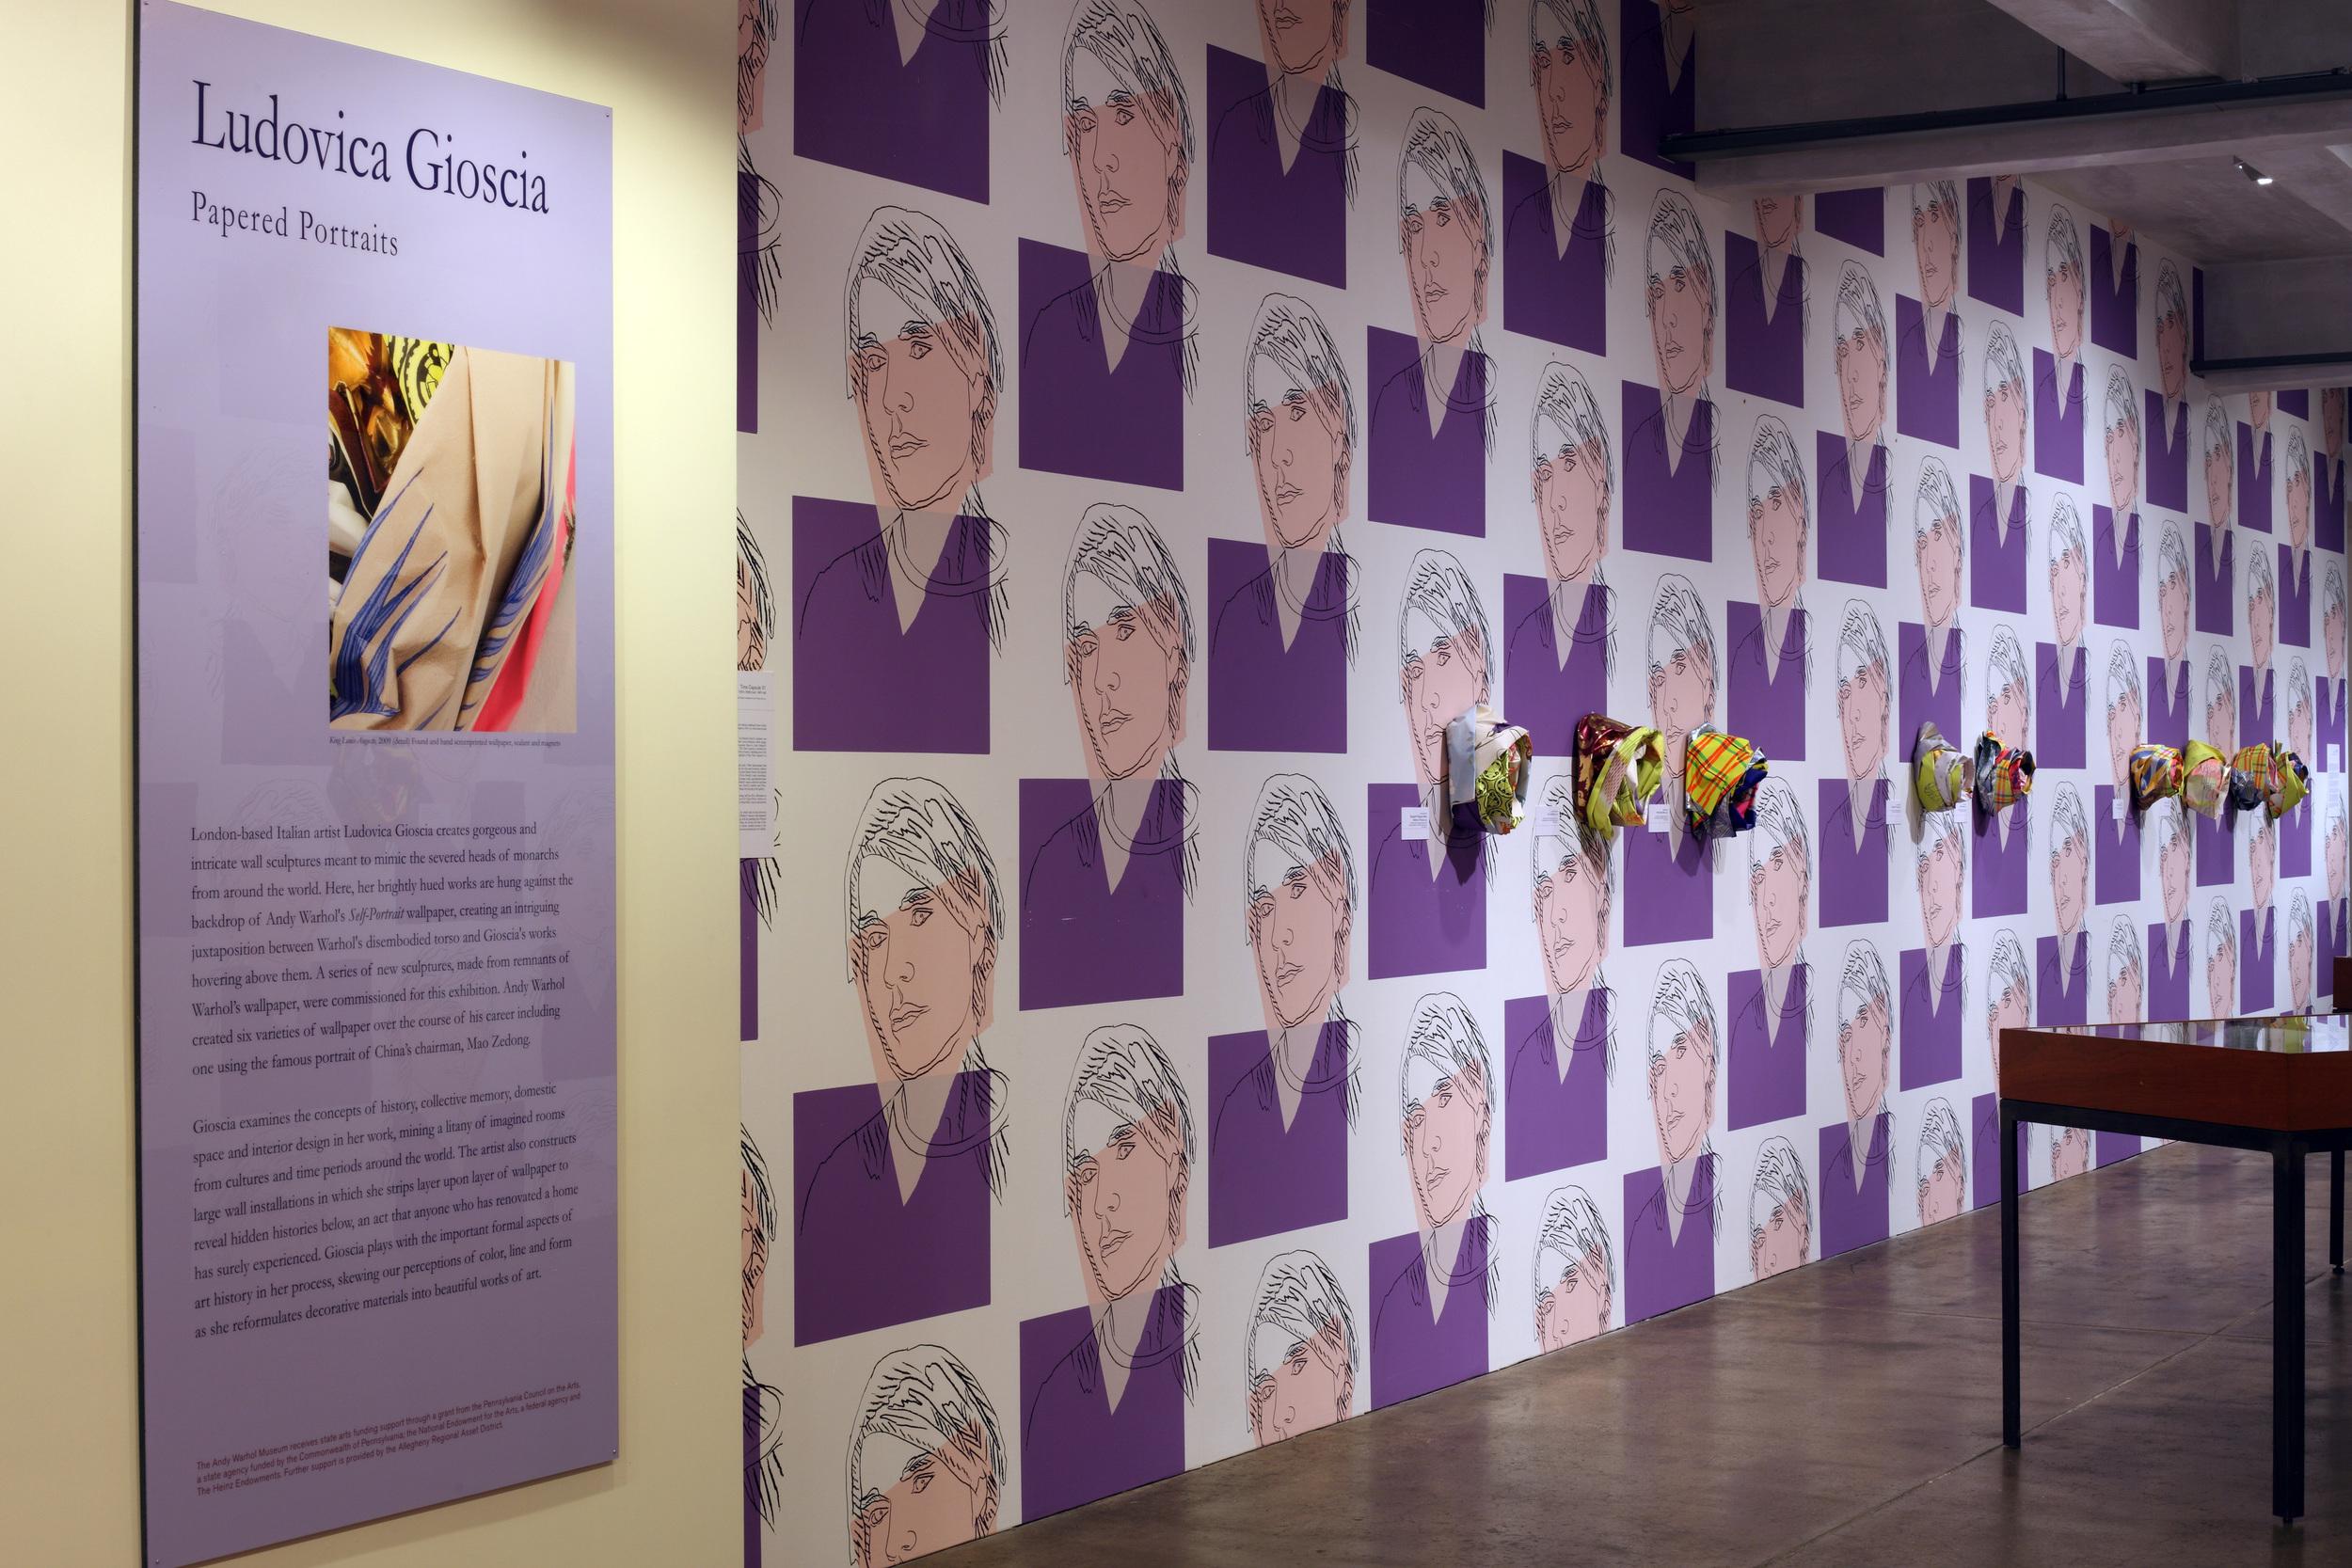 Ludovica Gioscia - Papered Portraits, 2009 0001.JPG